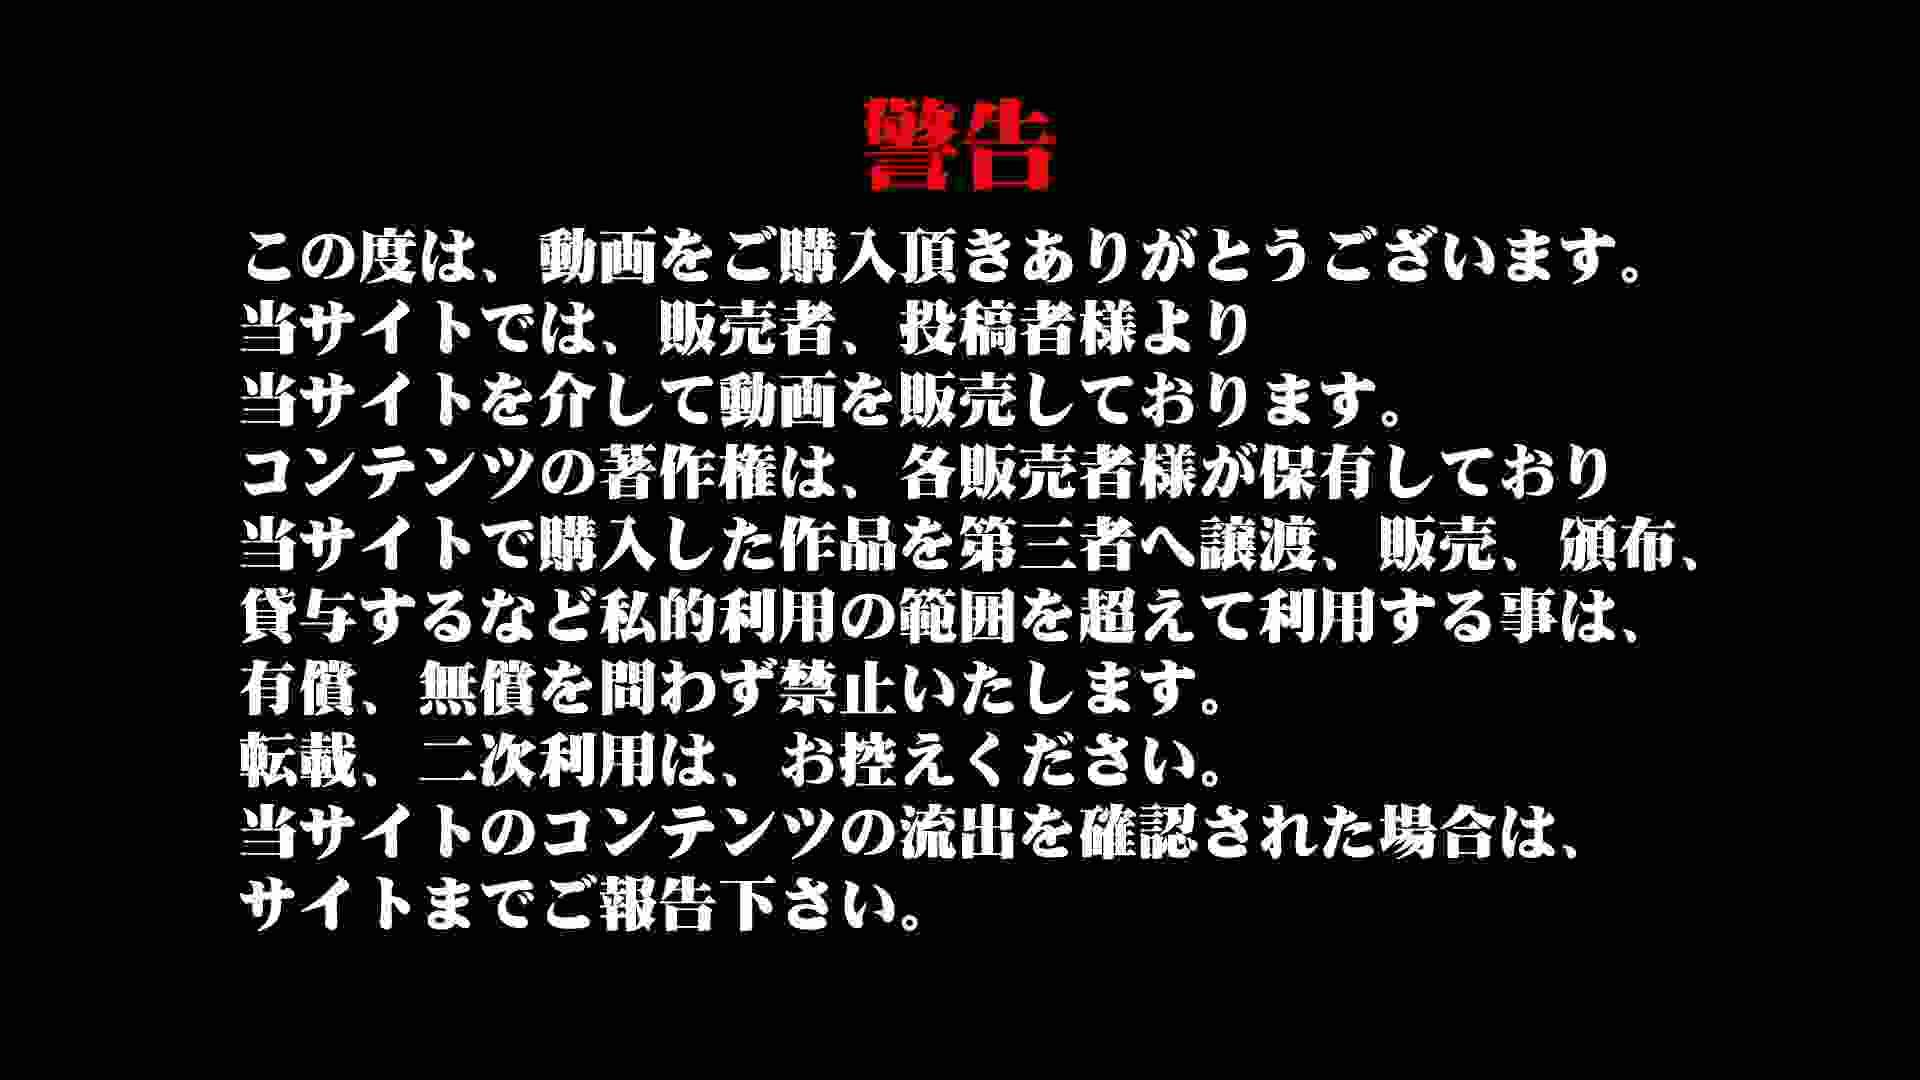 Aquaな露天風呂Vol.887 盗撮 | 露天  49画像 1